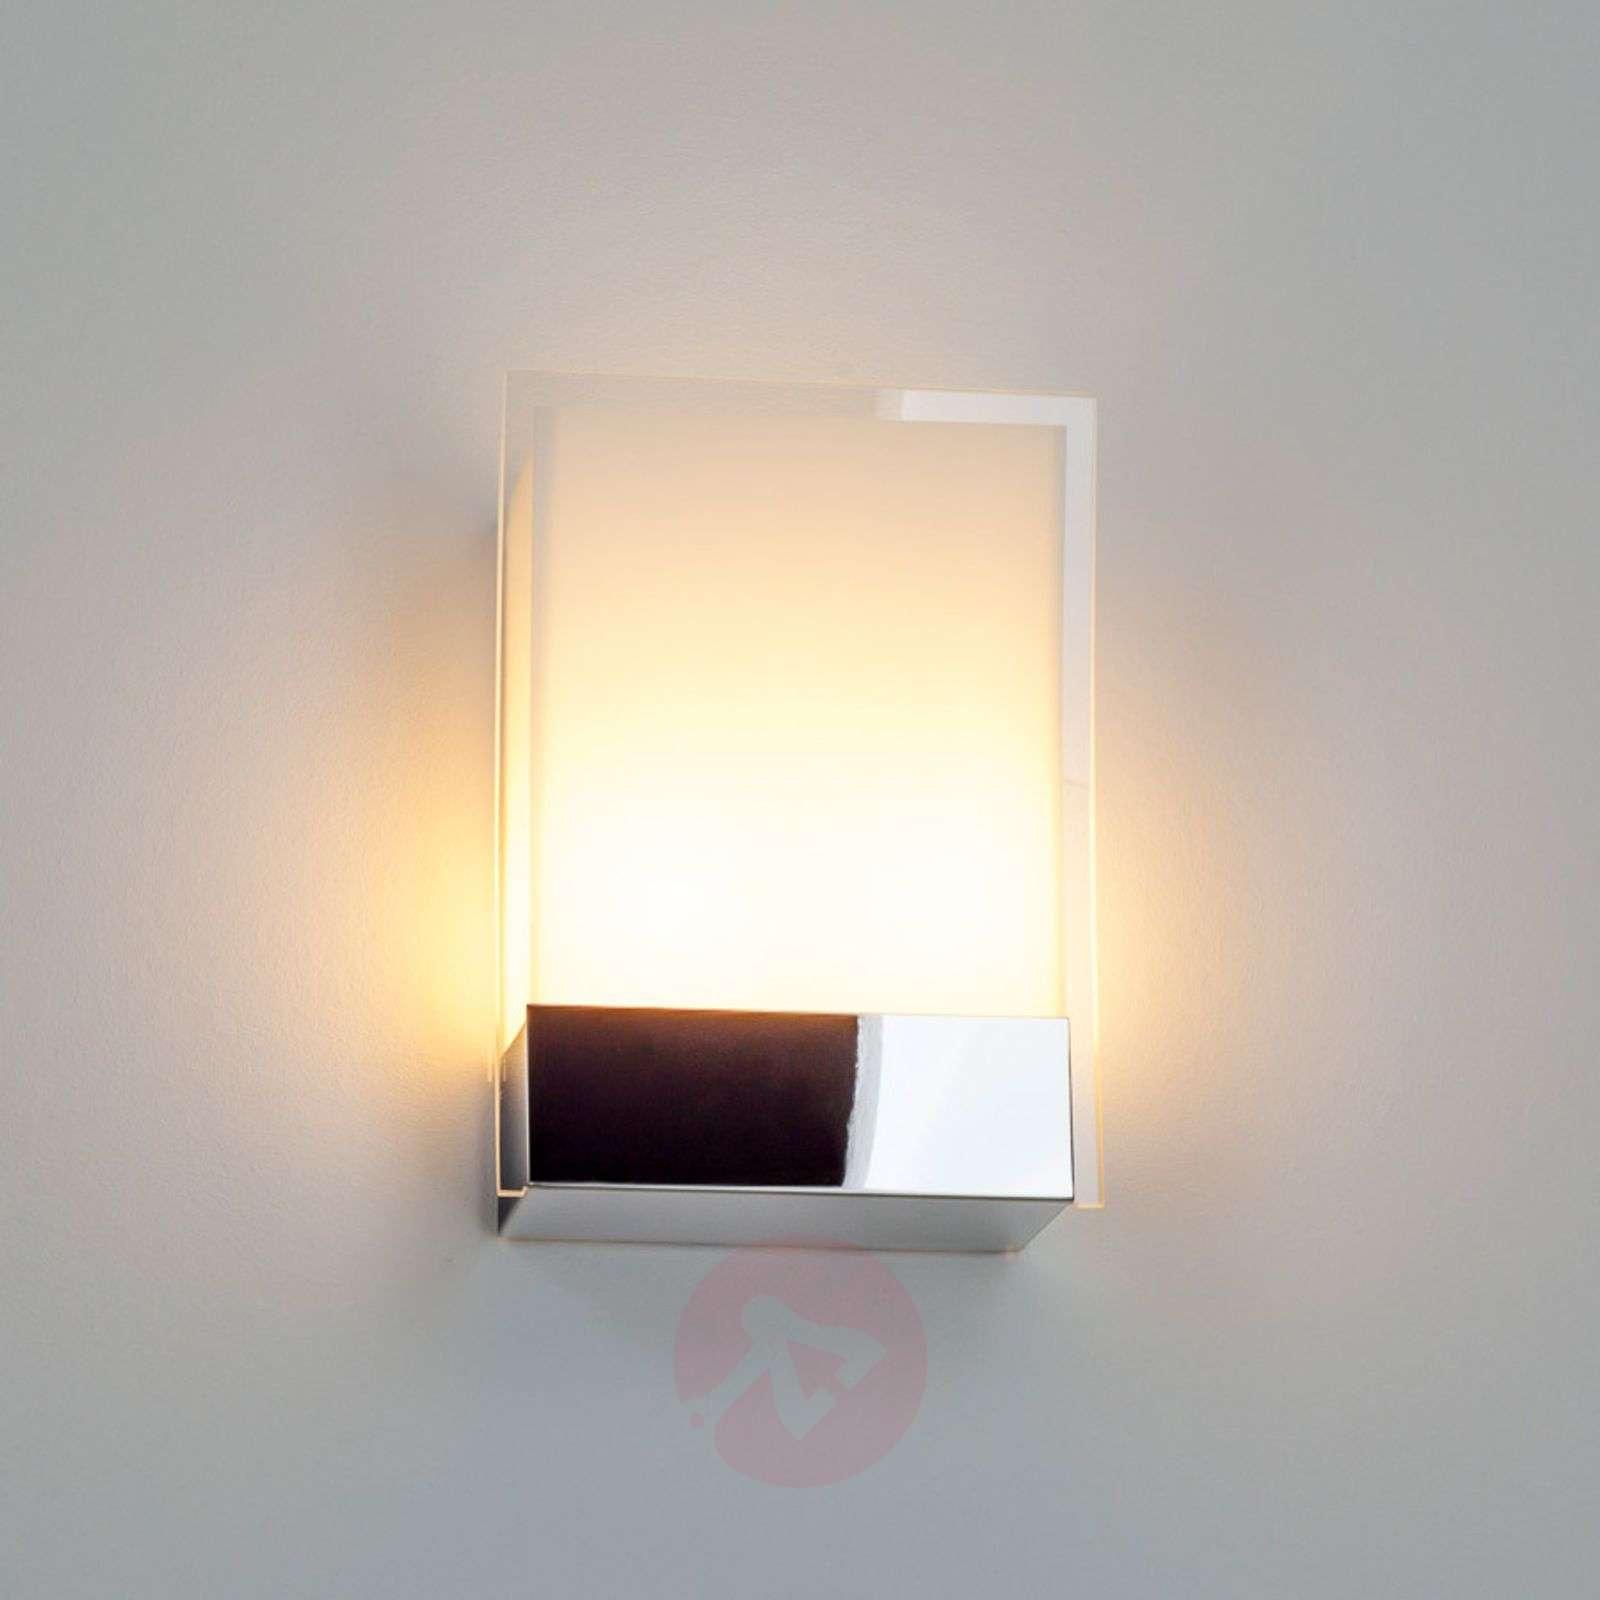 Malthe moderni seinävalaisin lasia ja metallia-9633020-01